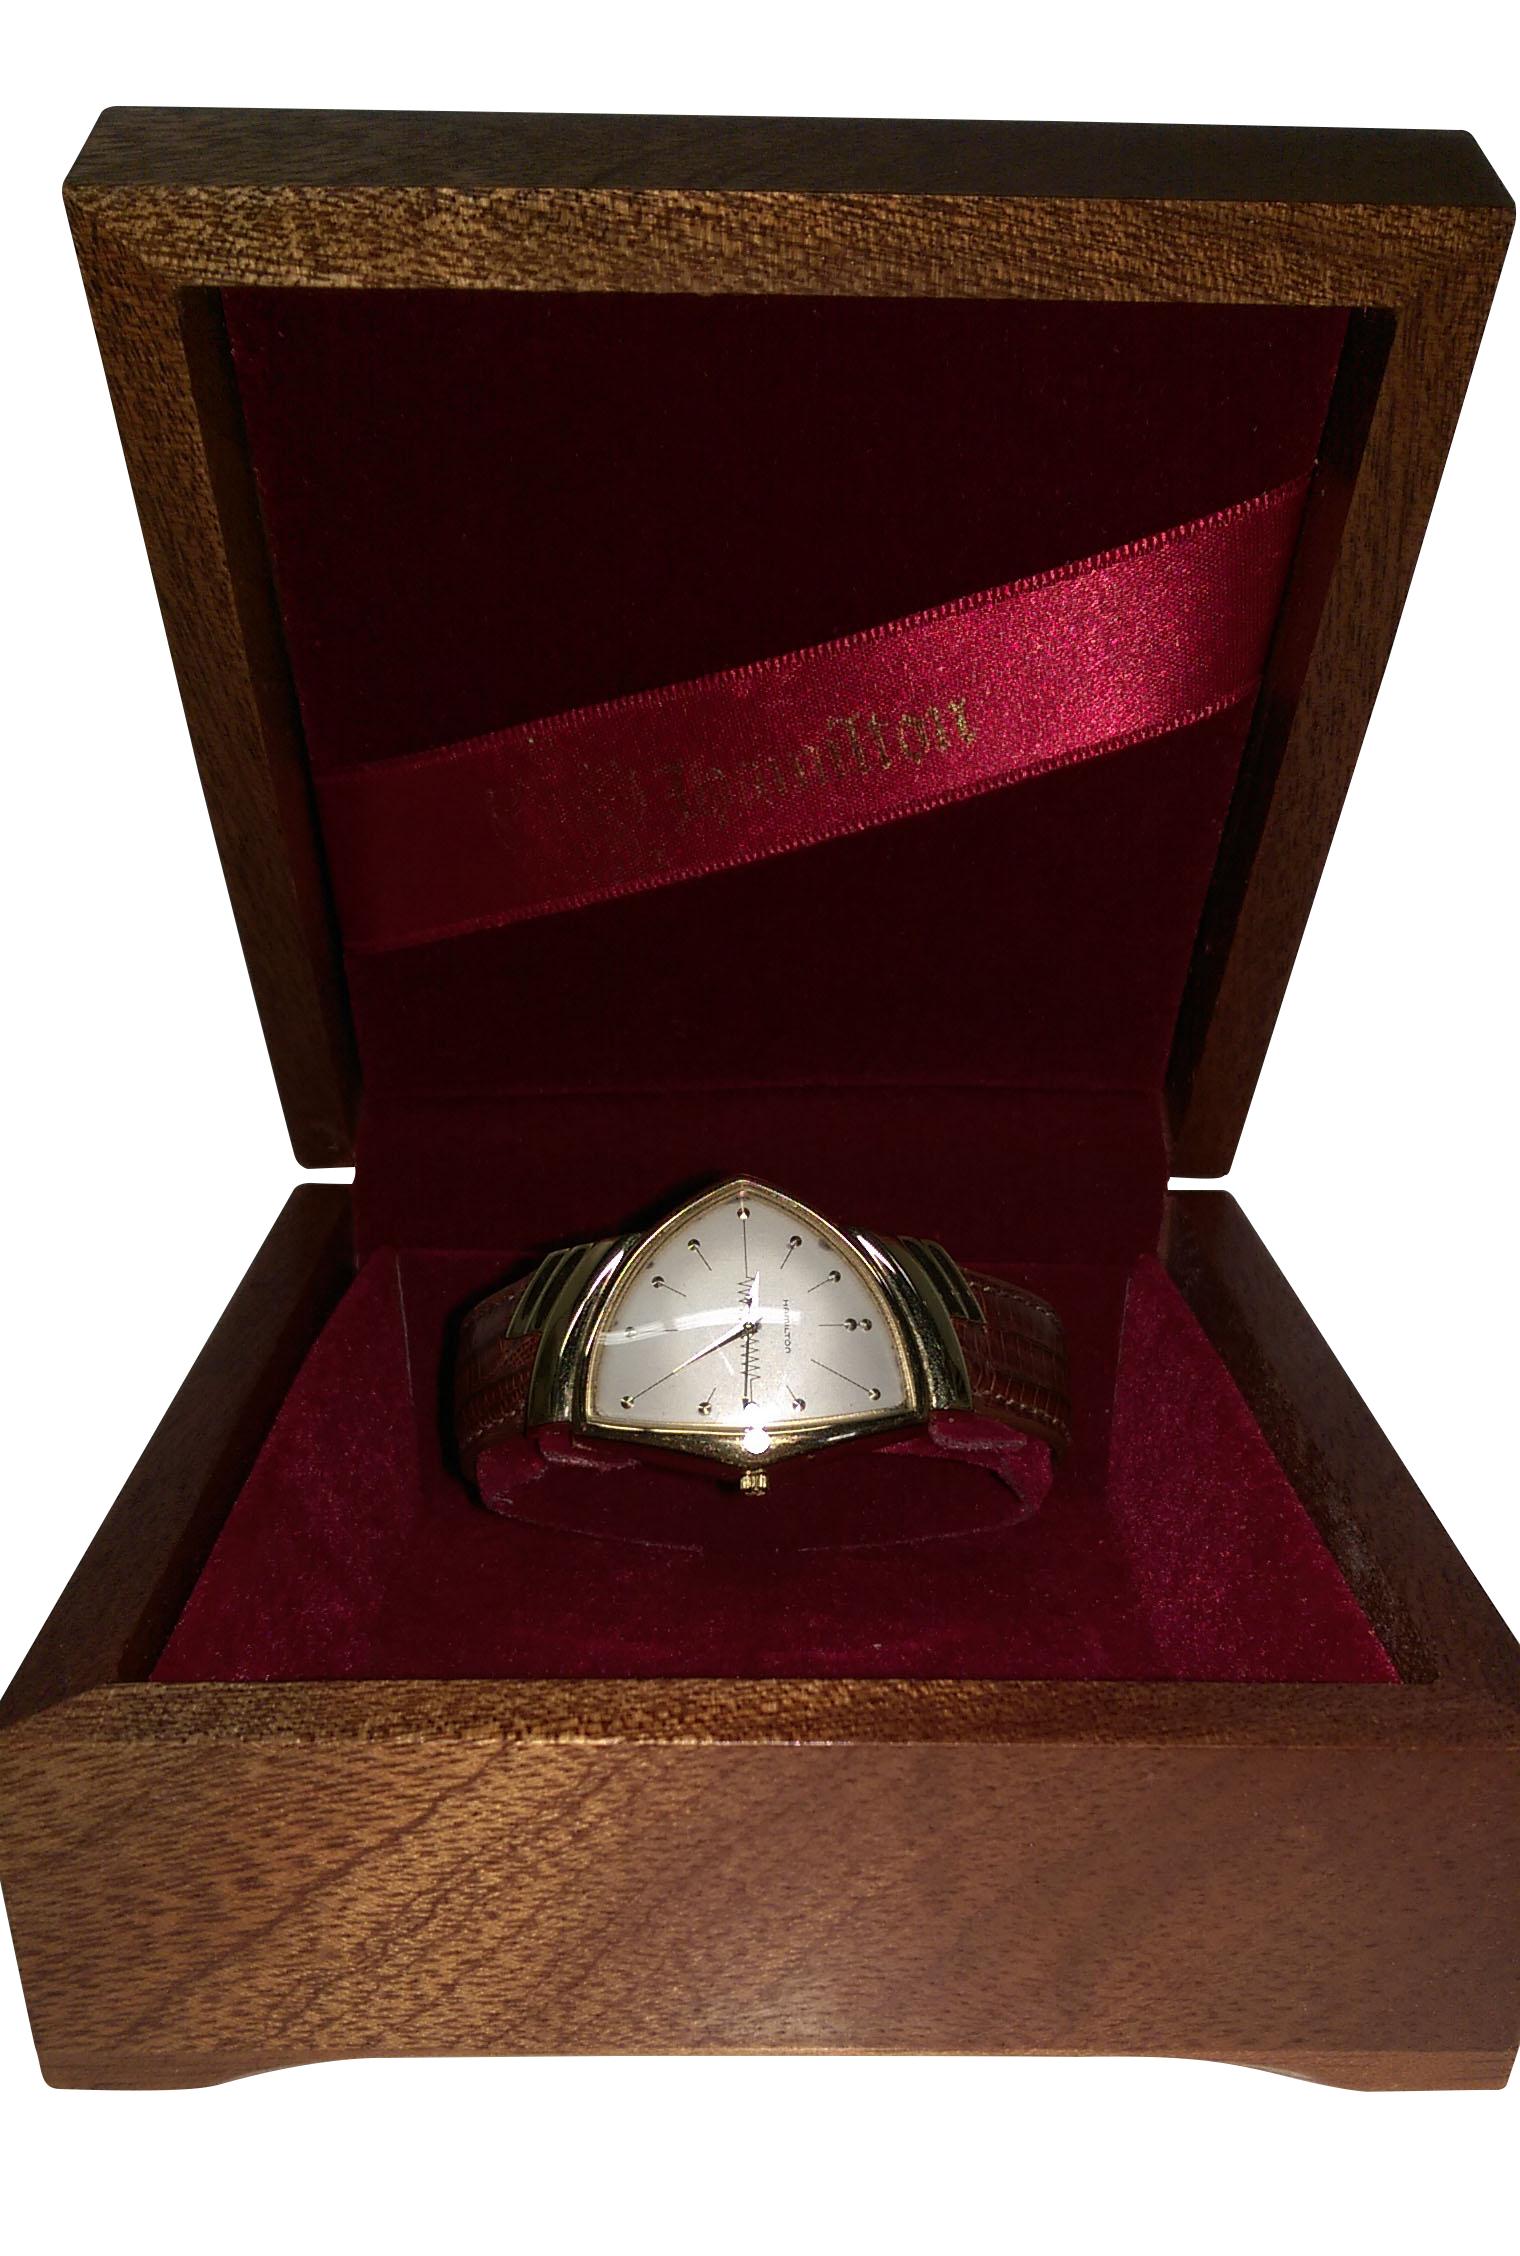 montre hamilton ventura ltd1 2132 horlogerie luxe tous les produits d. Black Bedroom Furniture Sets. Home Design Ideas